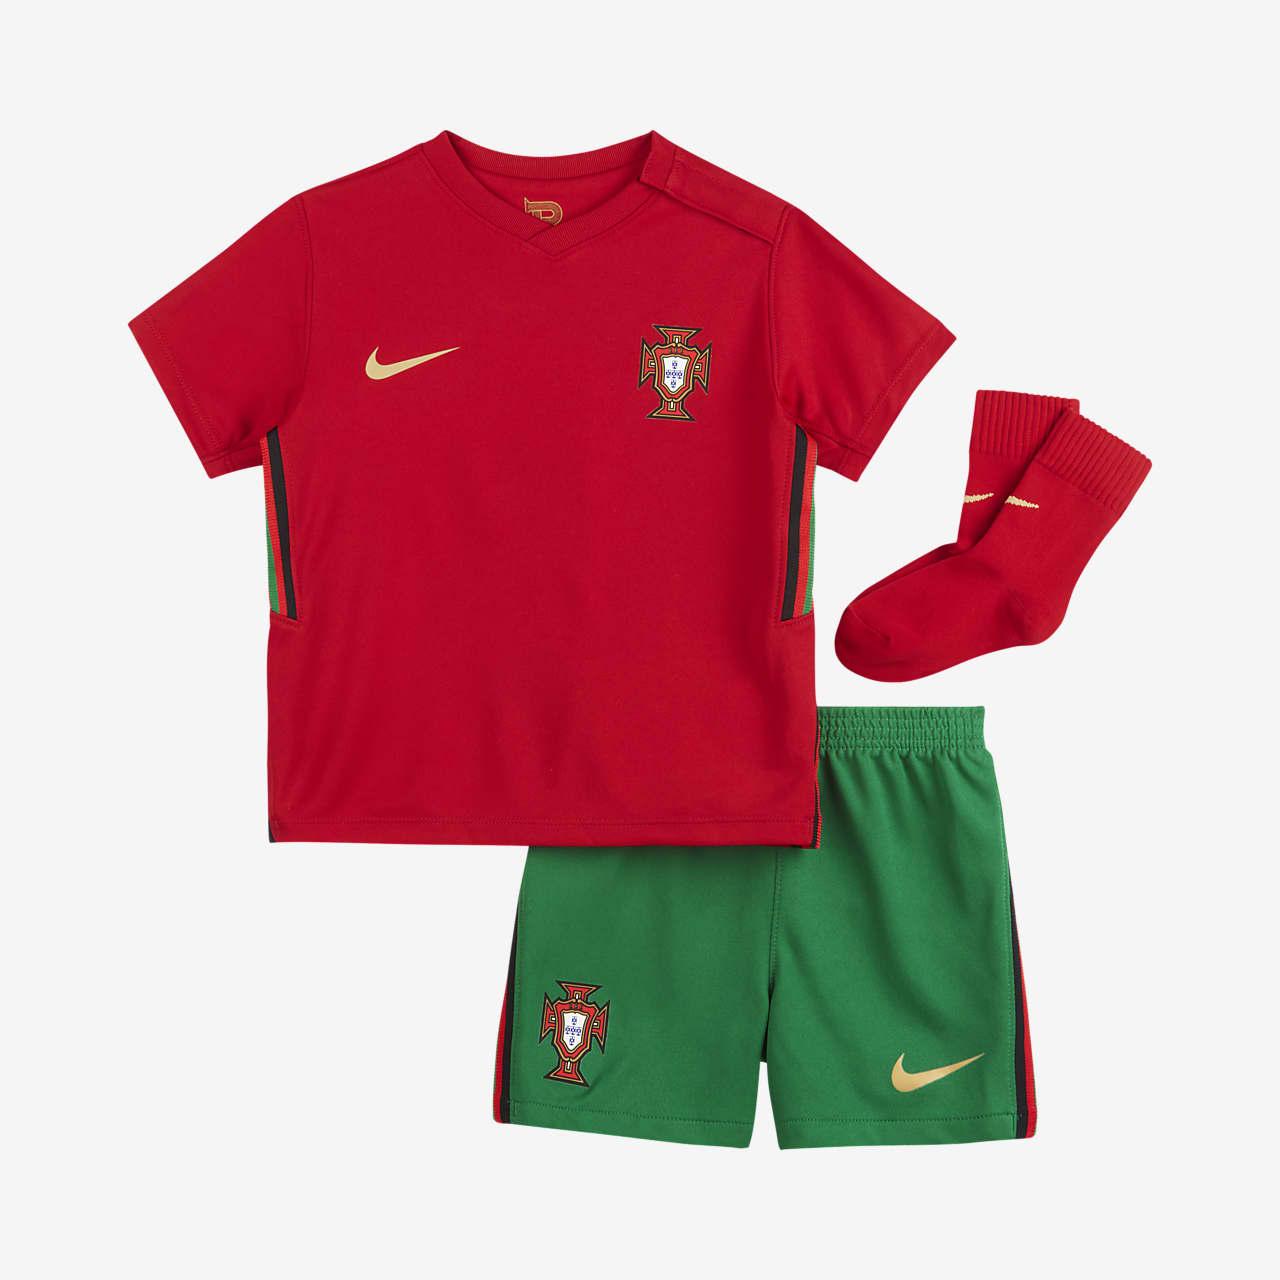 Fotbollsställ Portugal 2020 (hemmaställ) för baby/små barn